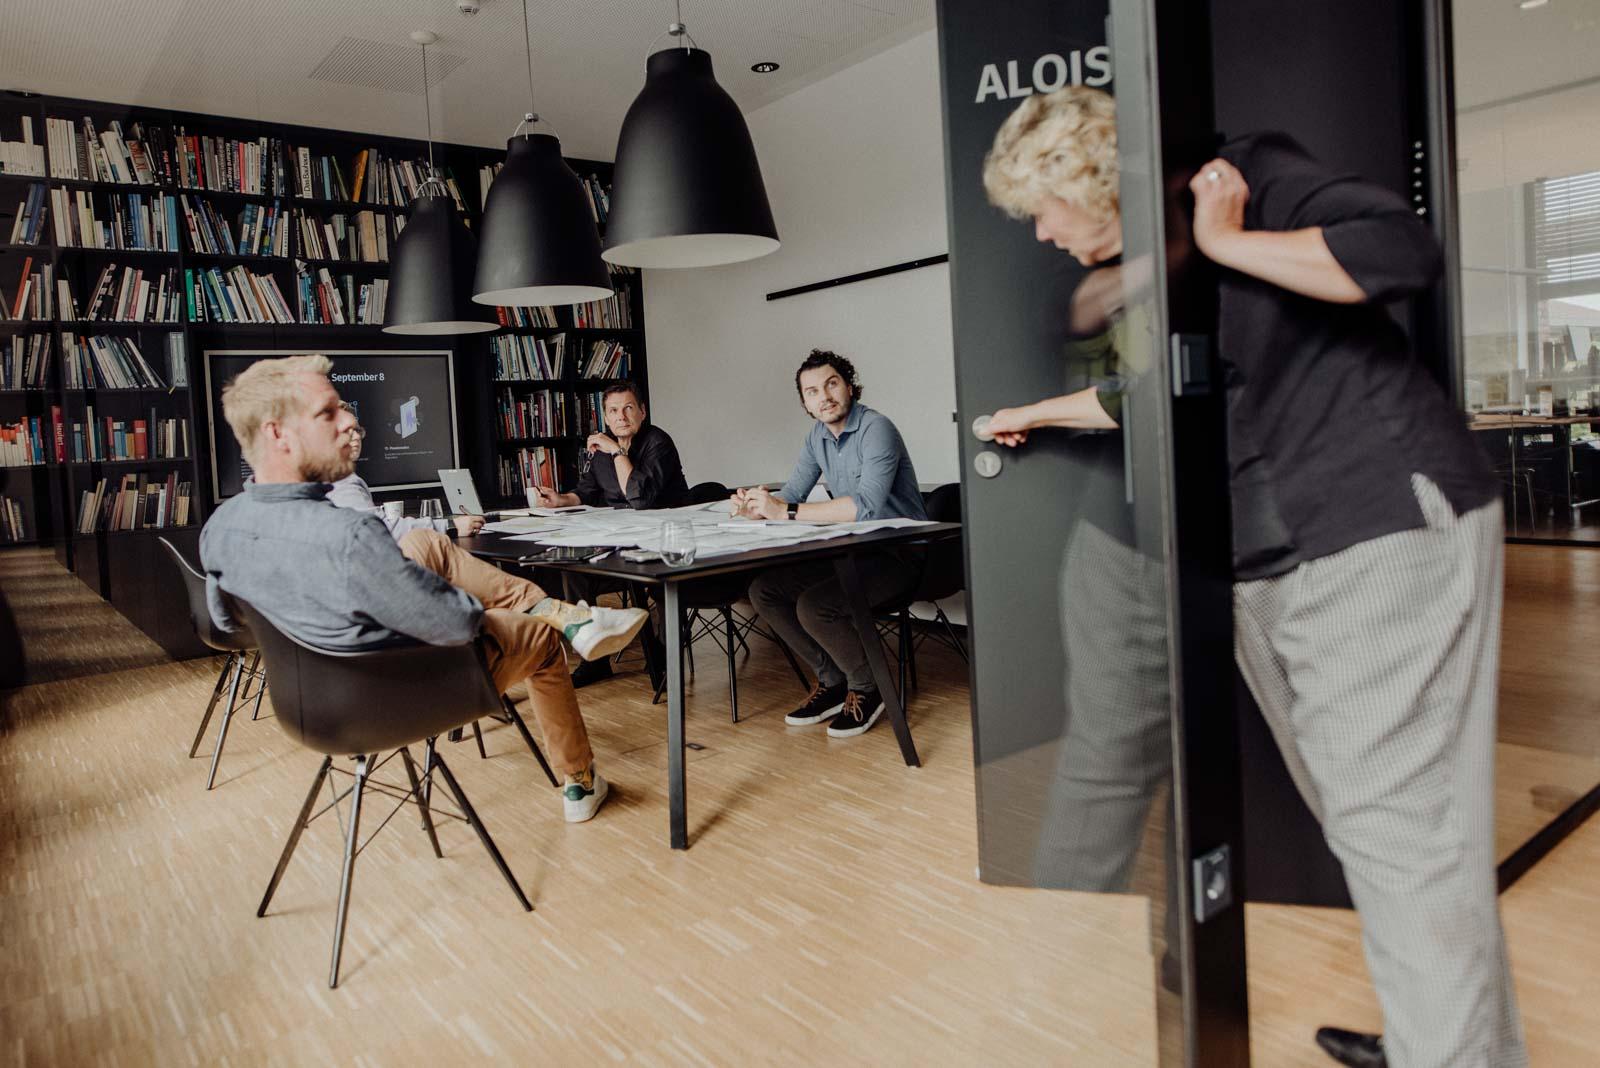 Businessreportage im Buero, ungestellte Momentaufnahmen im Besprechungsraum